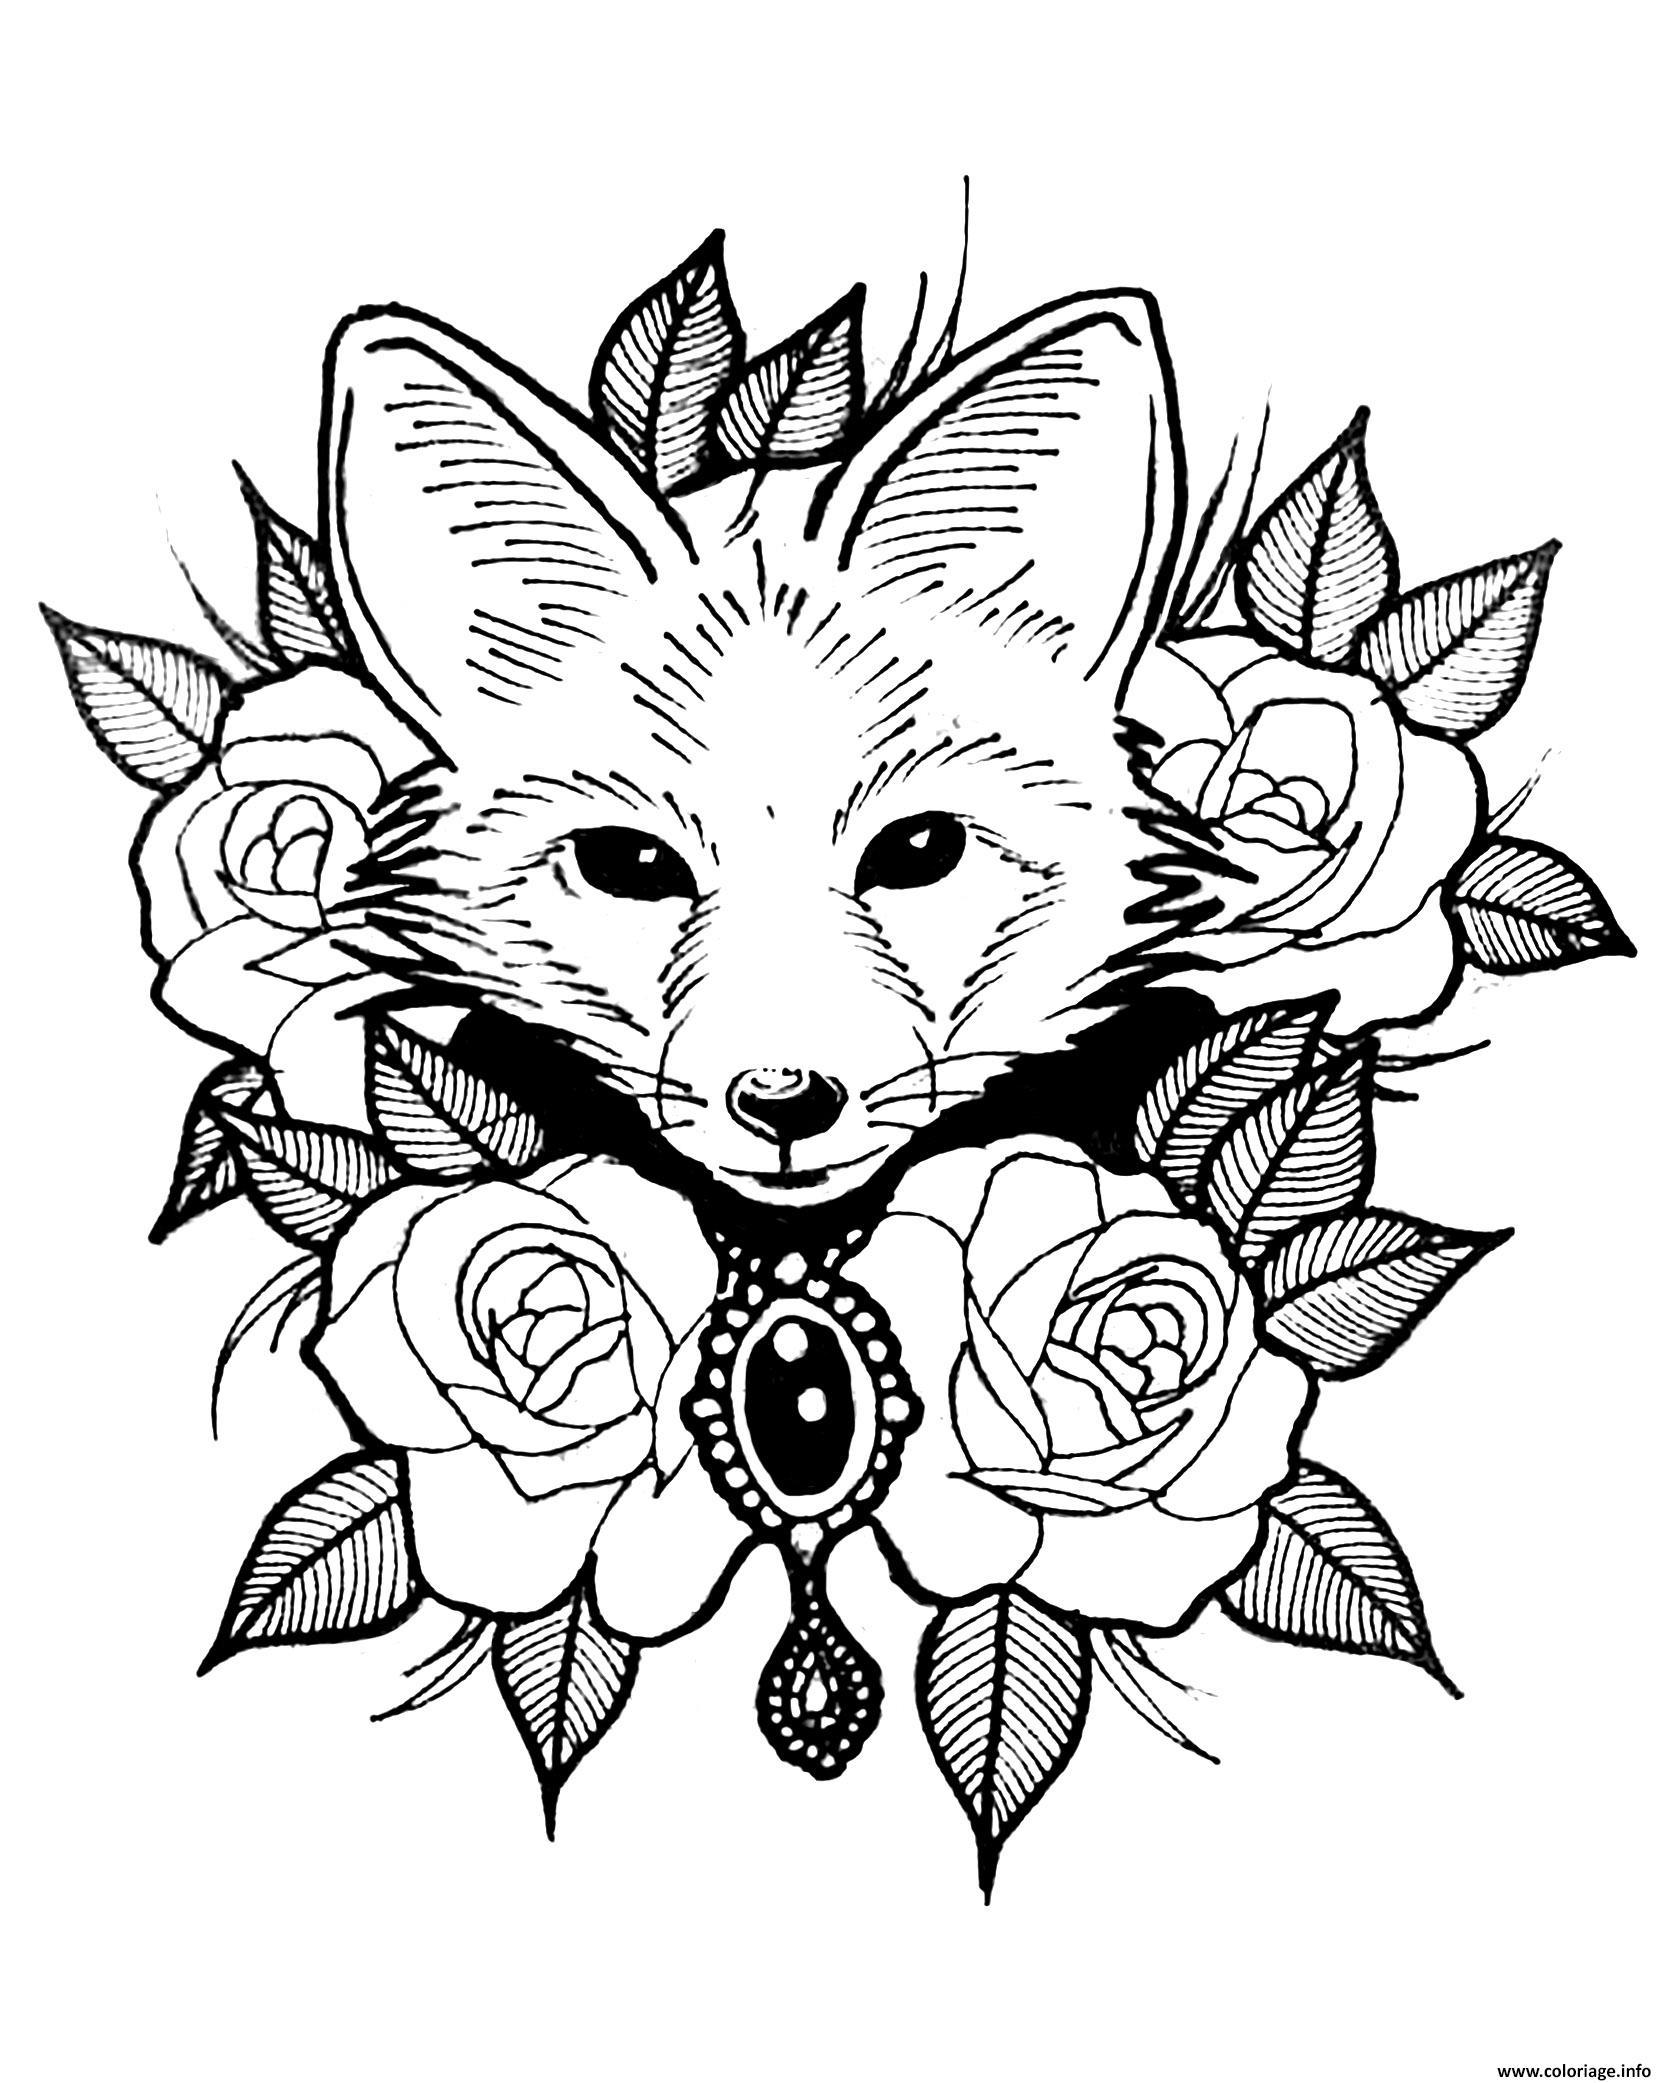 Dessin renard et roses style tatouage Coloriage Gratuit à Imprimer